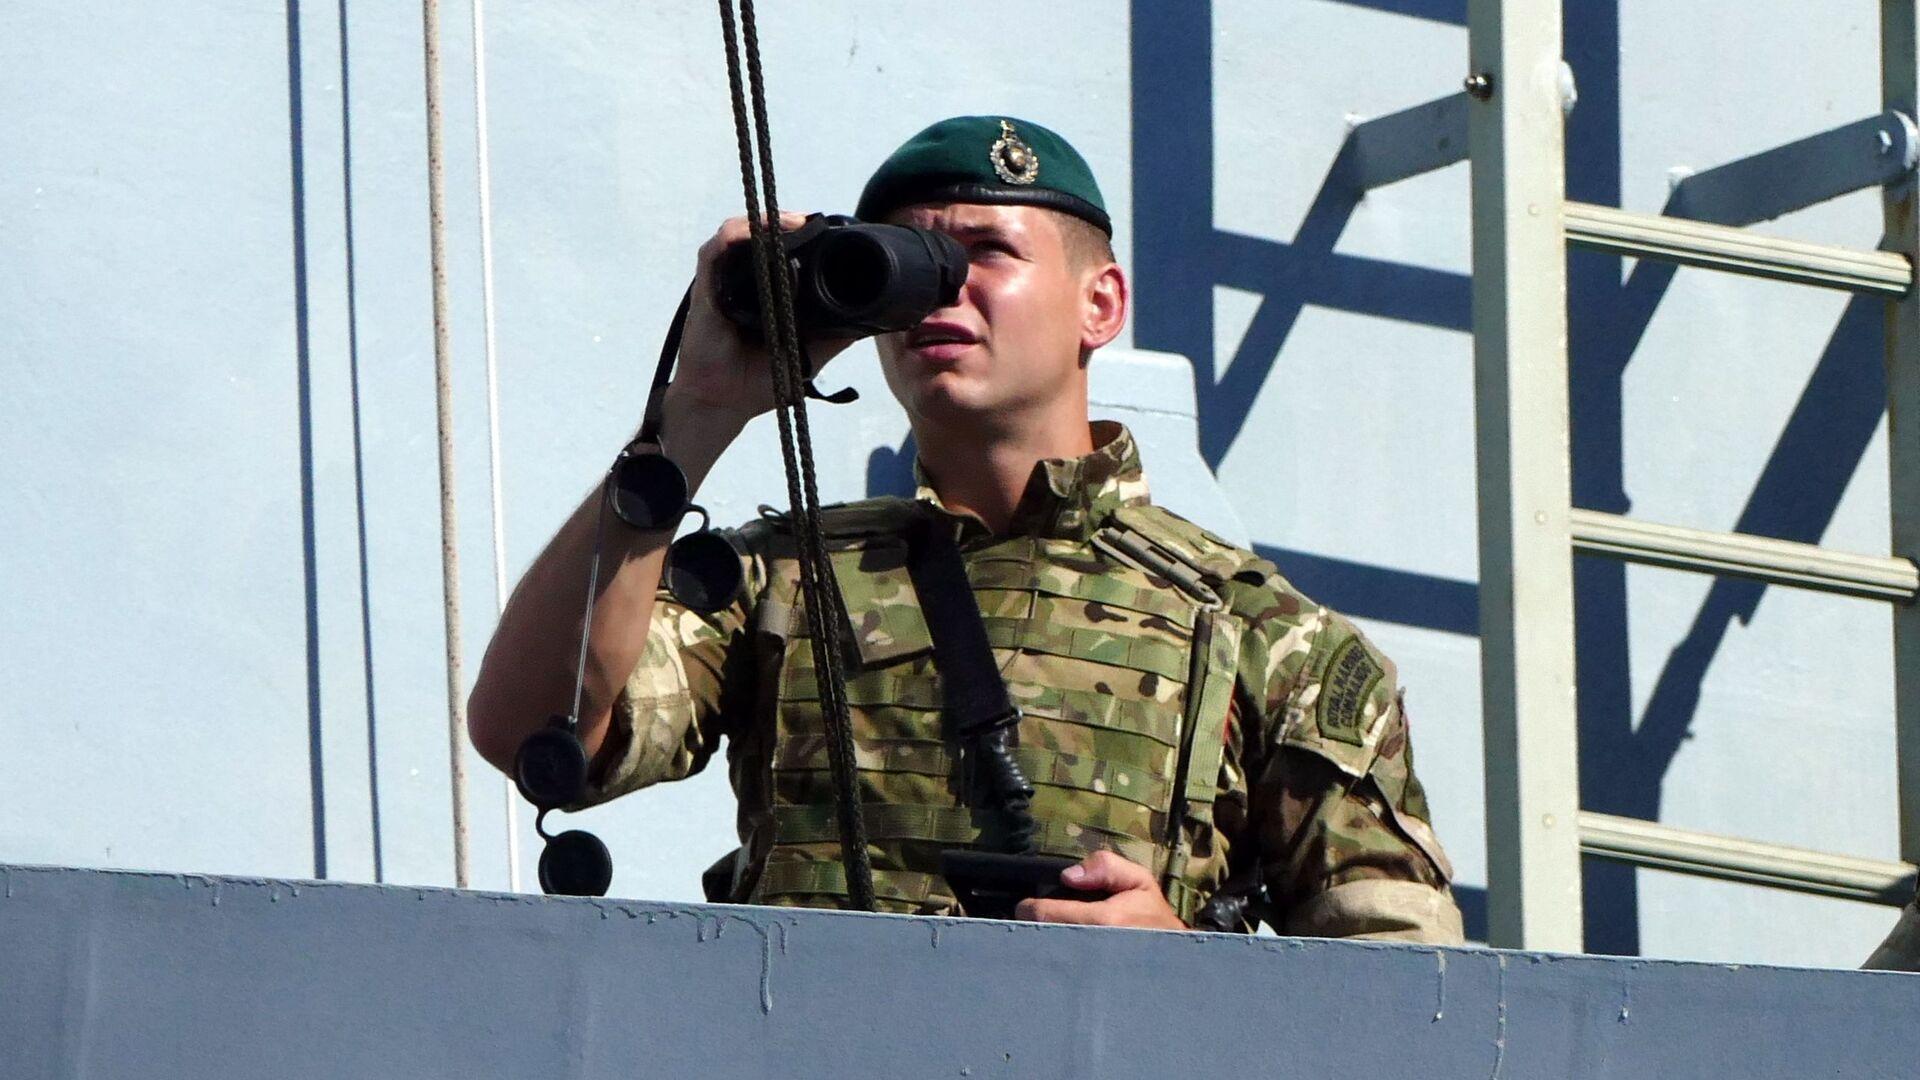 Военнослужащий на палубе эсминца Duncan ВМФ Великобритании - Sputnik Беларусь, 1920, 23.09.2021